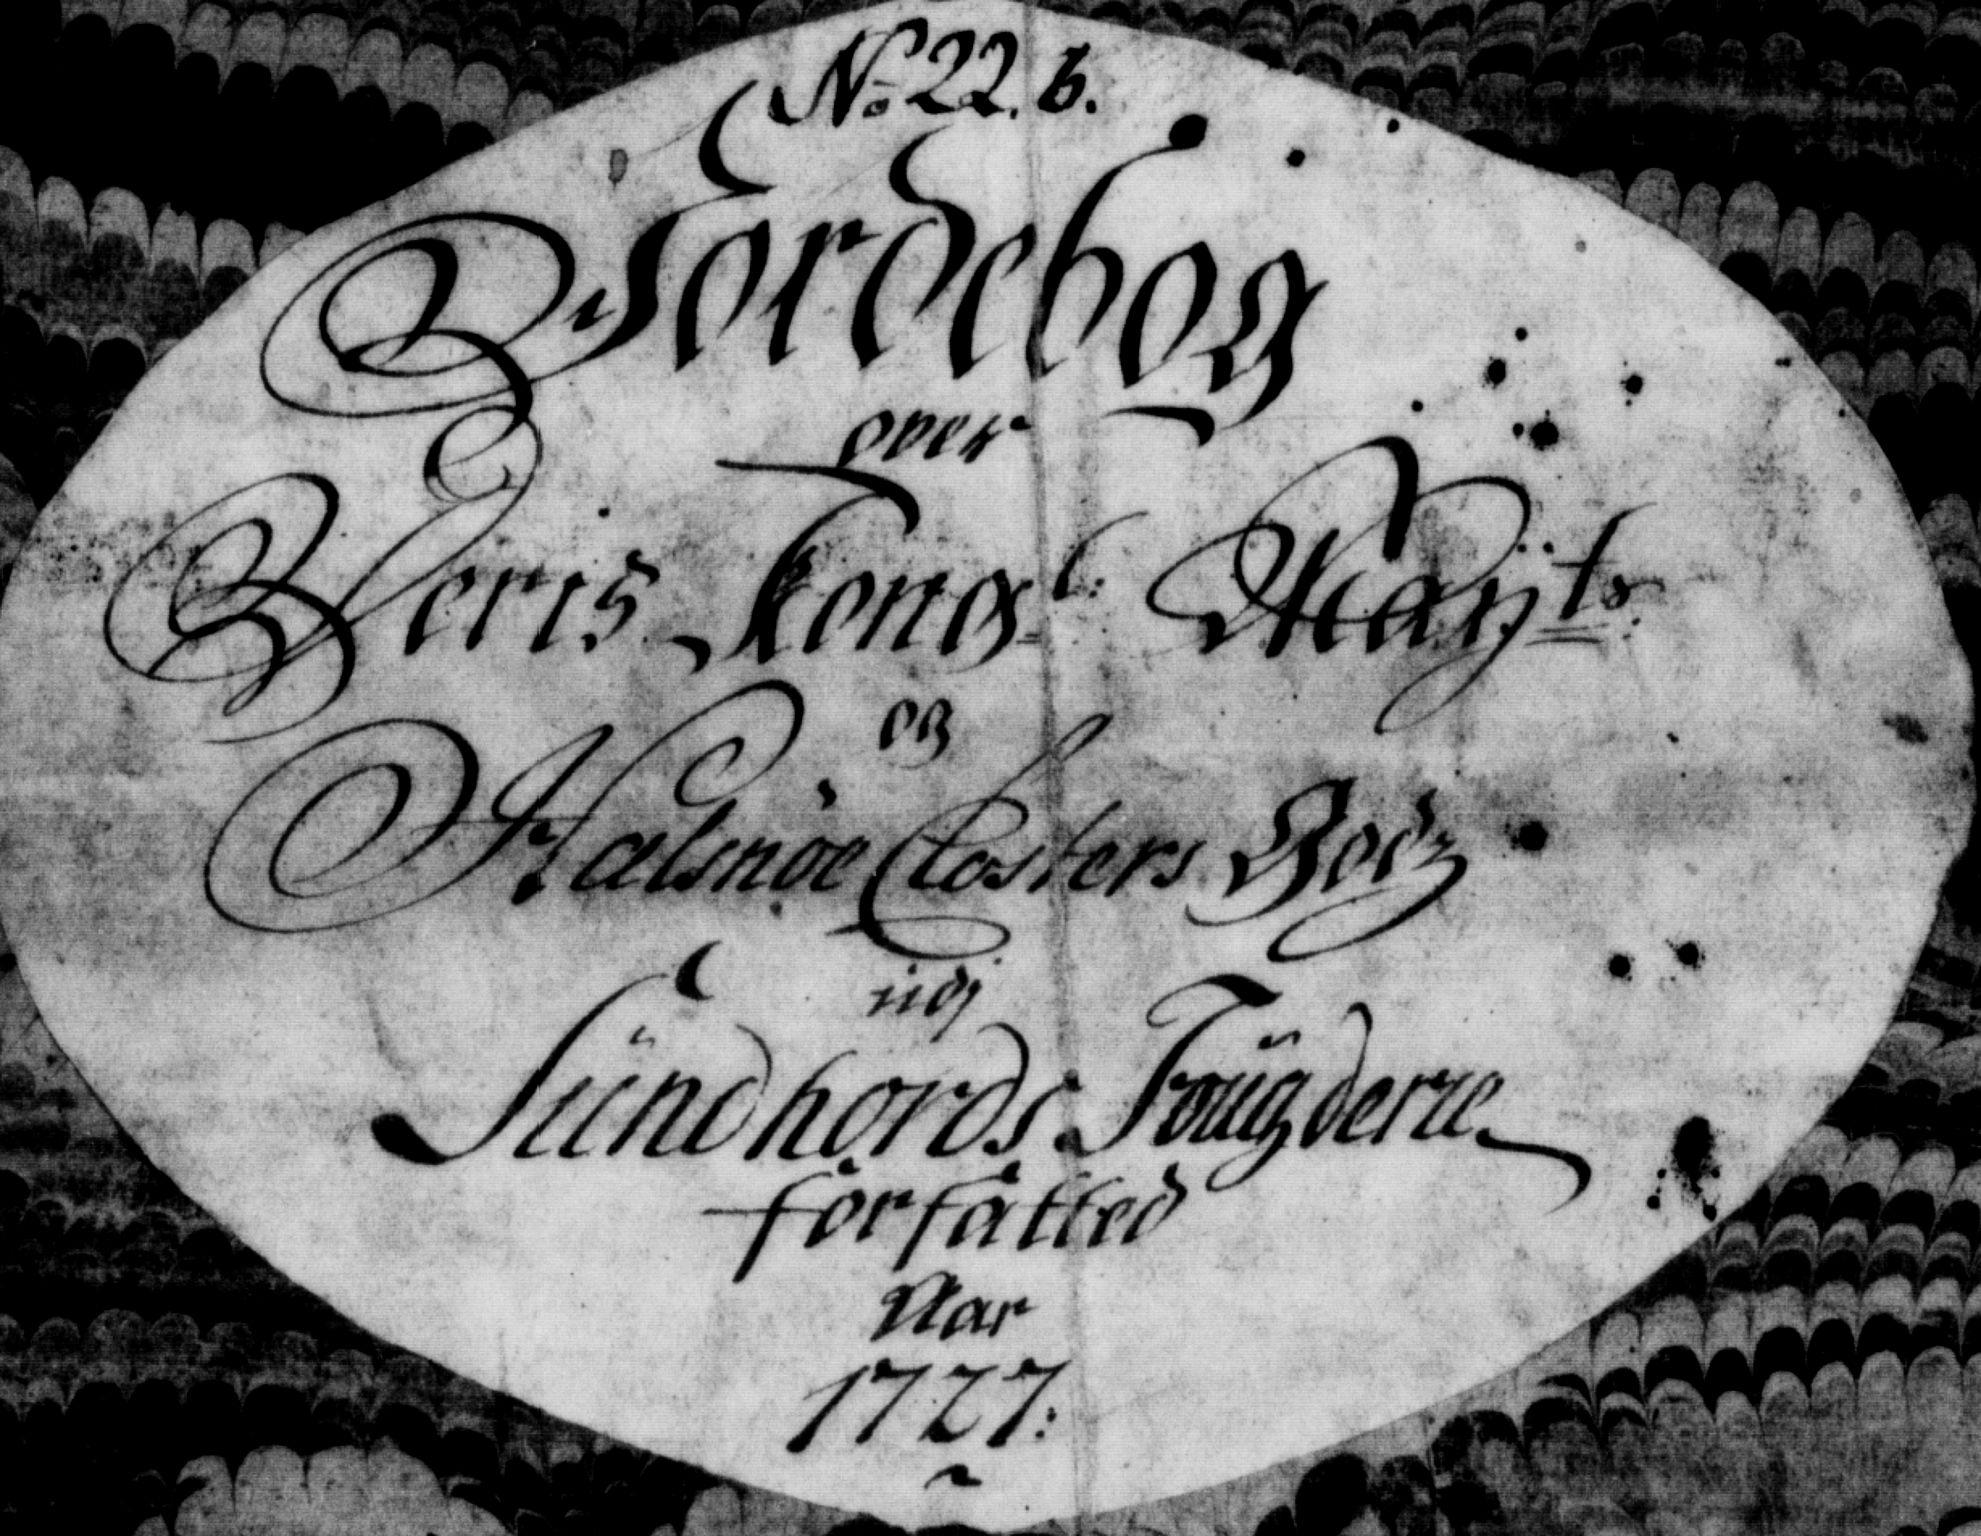 RA, Rentekammeret inntil 1814, Realistisk ordnet avdeling, On/L0003: [Jj 4]: Kommisjonsforretning over Vilhelm Hanssøns forpaktning av Halsnøy klosters gods, 1721-1729, s. 167